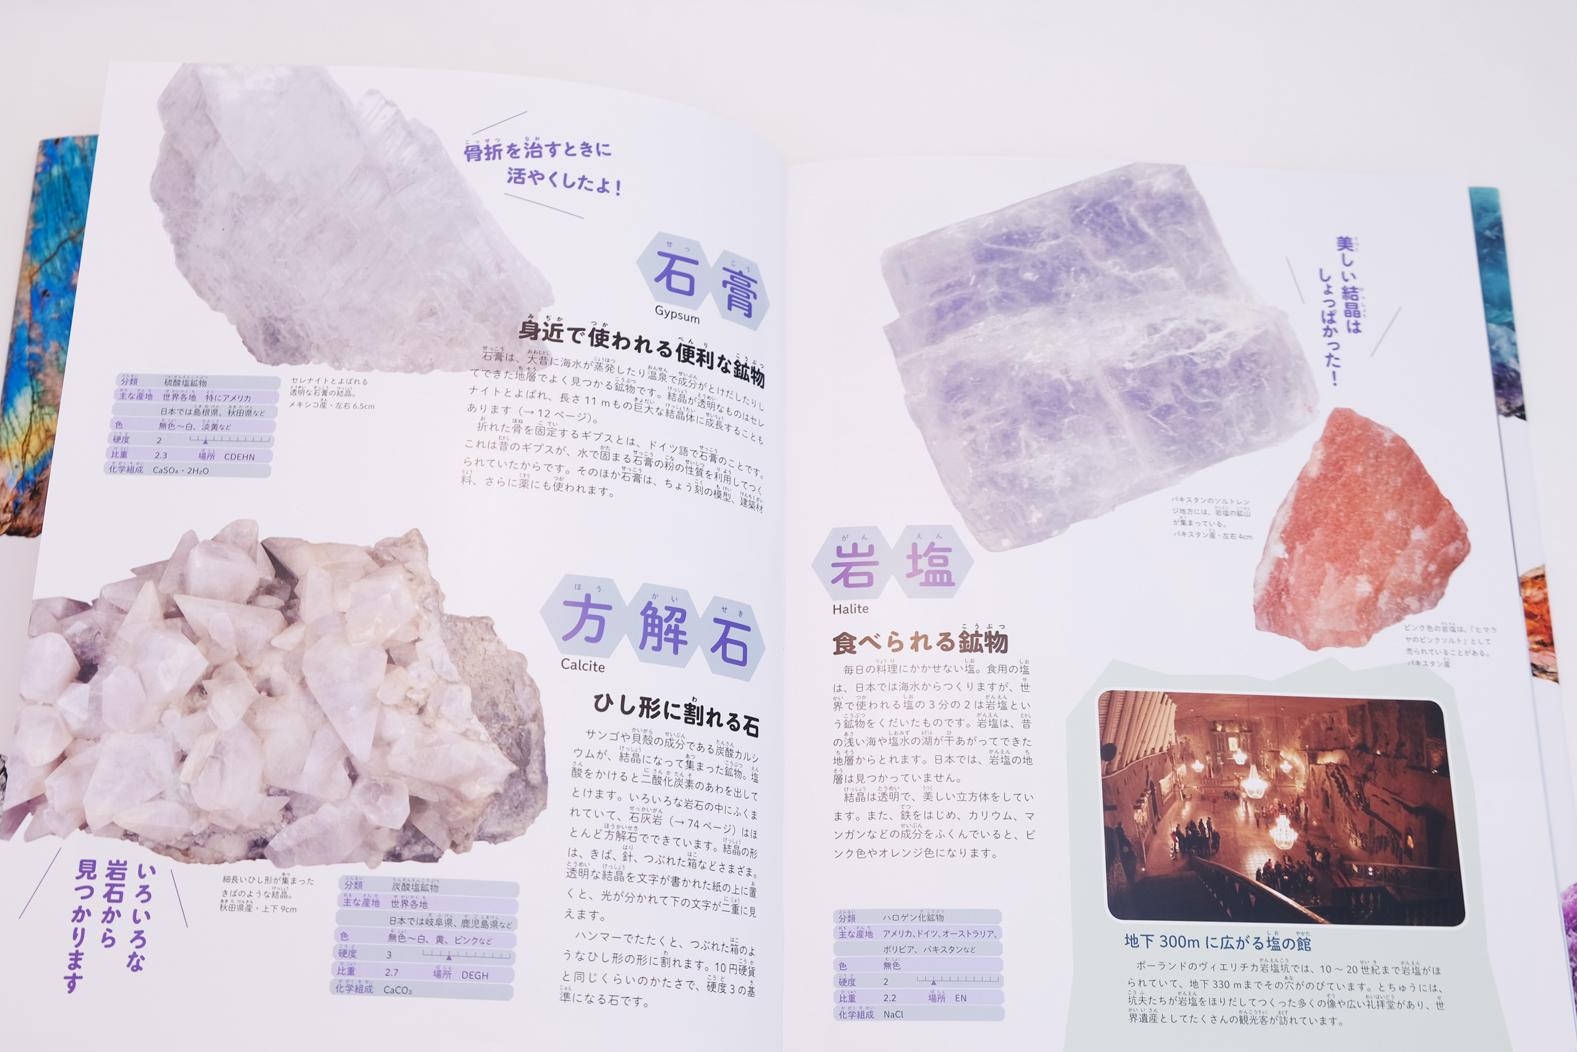 岩石・宝石_本文01.jpg